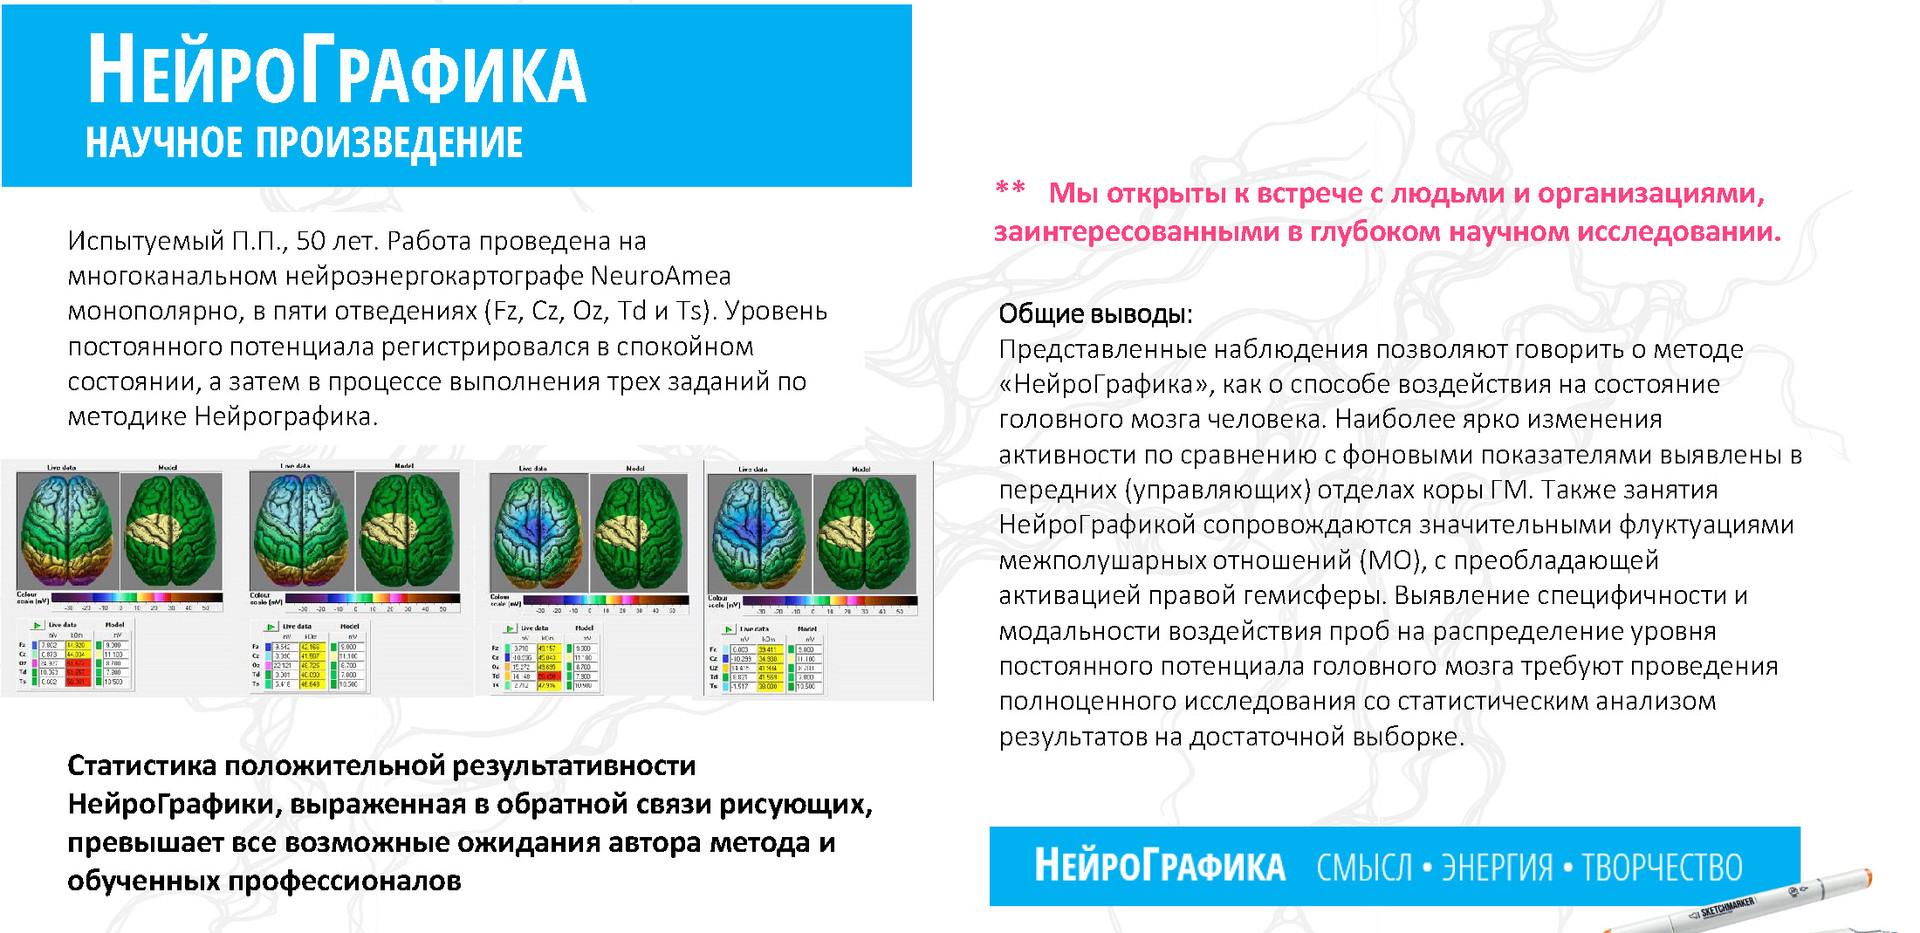 НейроГафикаBIG (1)_Страница_18.jpg